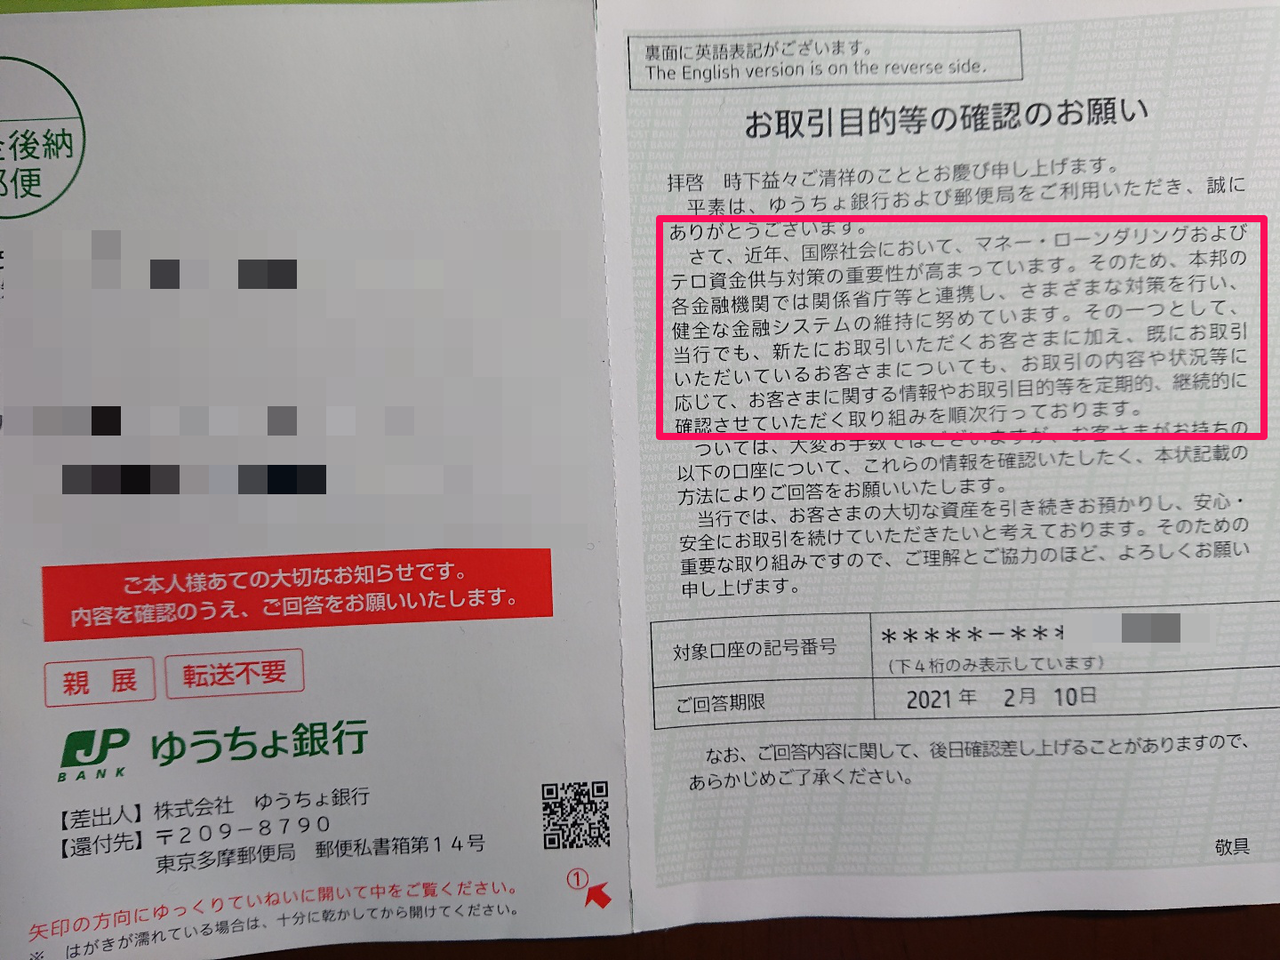 ゆうちょ銀行お取引目的等の確認のお願い お客さま情報管理センターから「お取引目的等の確認のお願い」を送付しています(8月24日更新)-ゆうちょ銀行